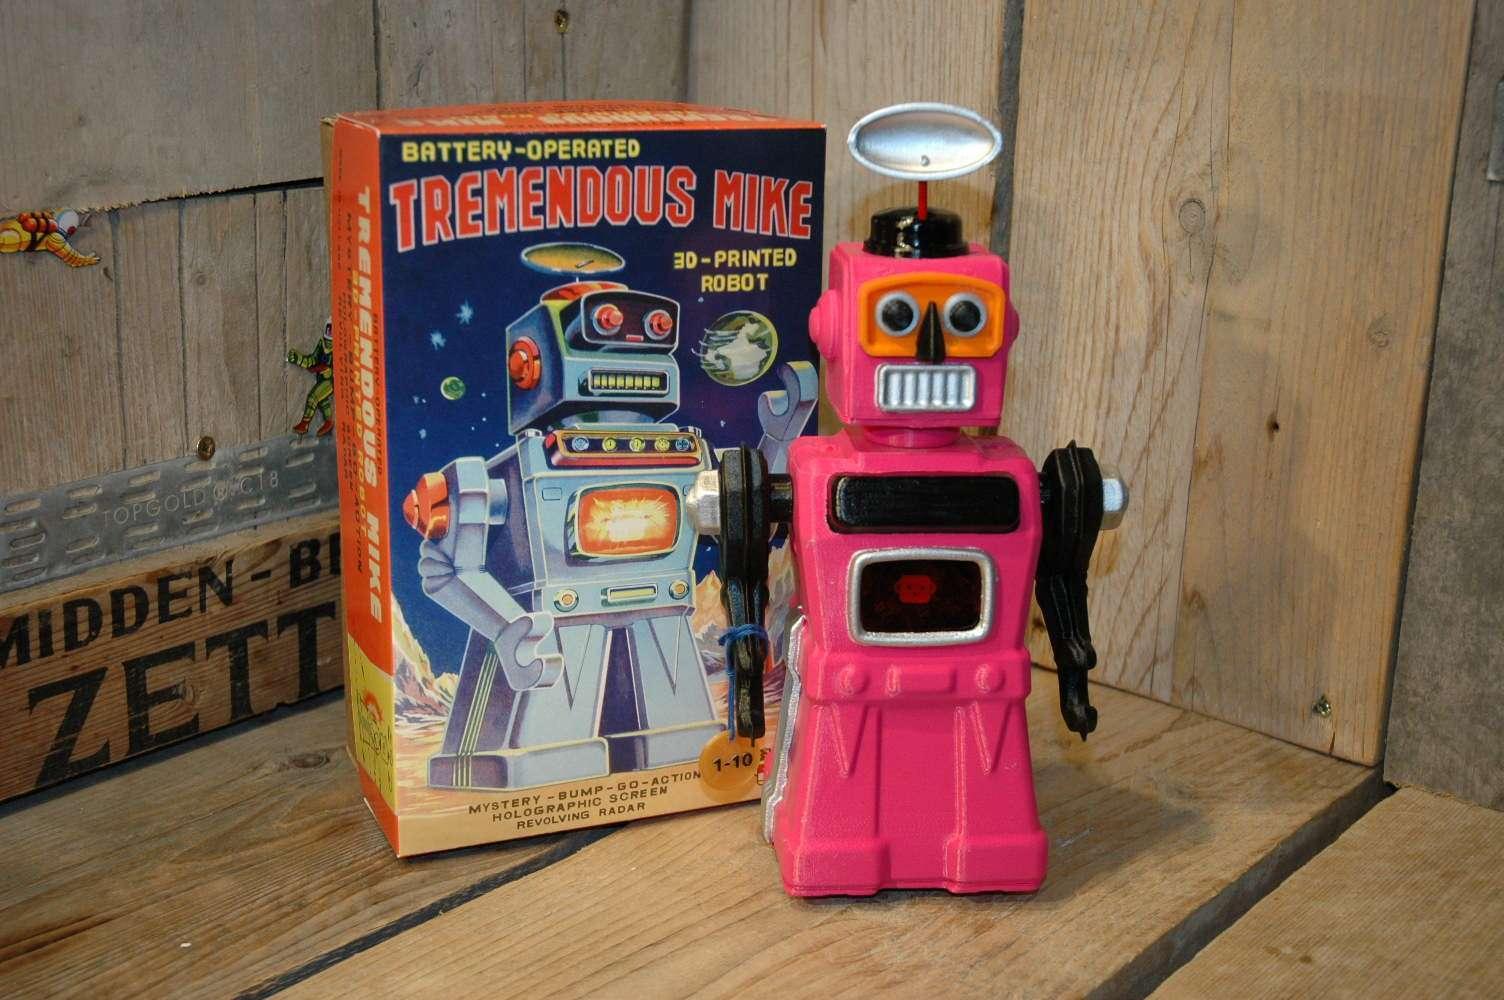 VST – Tremendous Mike 3D Printed Robot Pink Variation